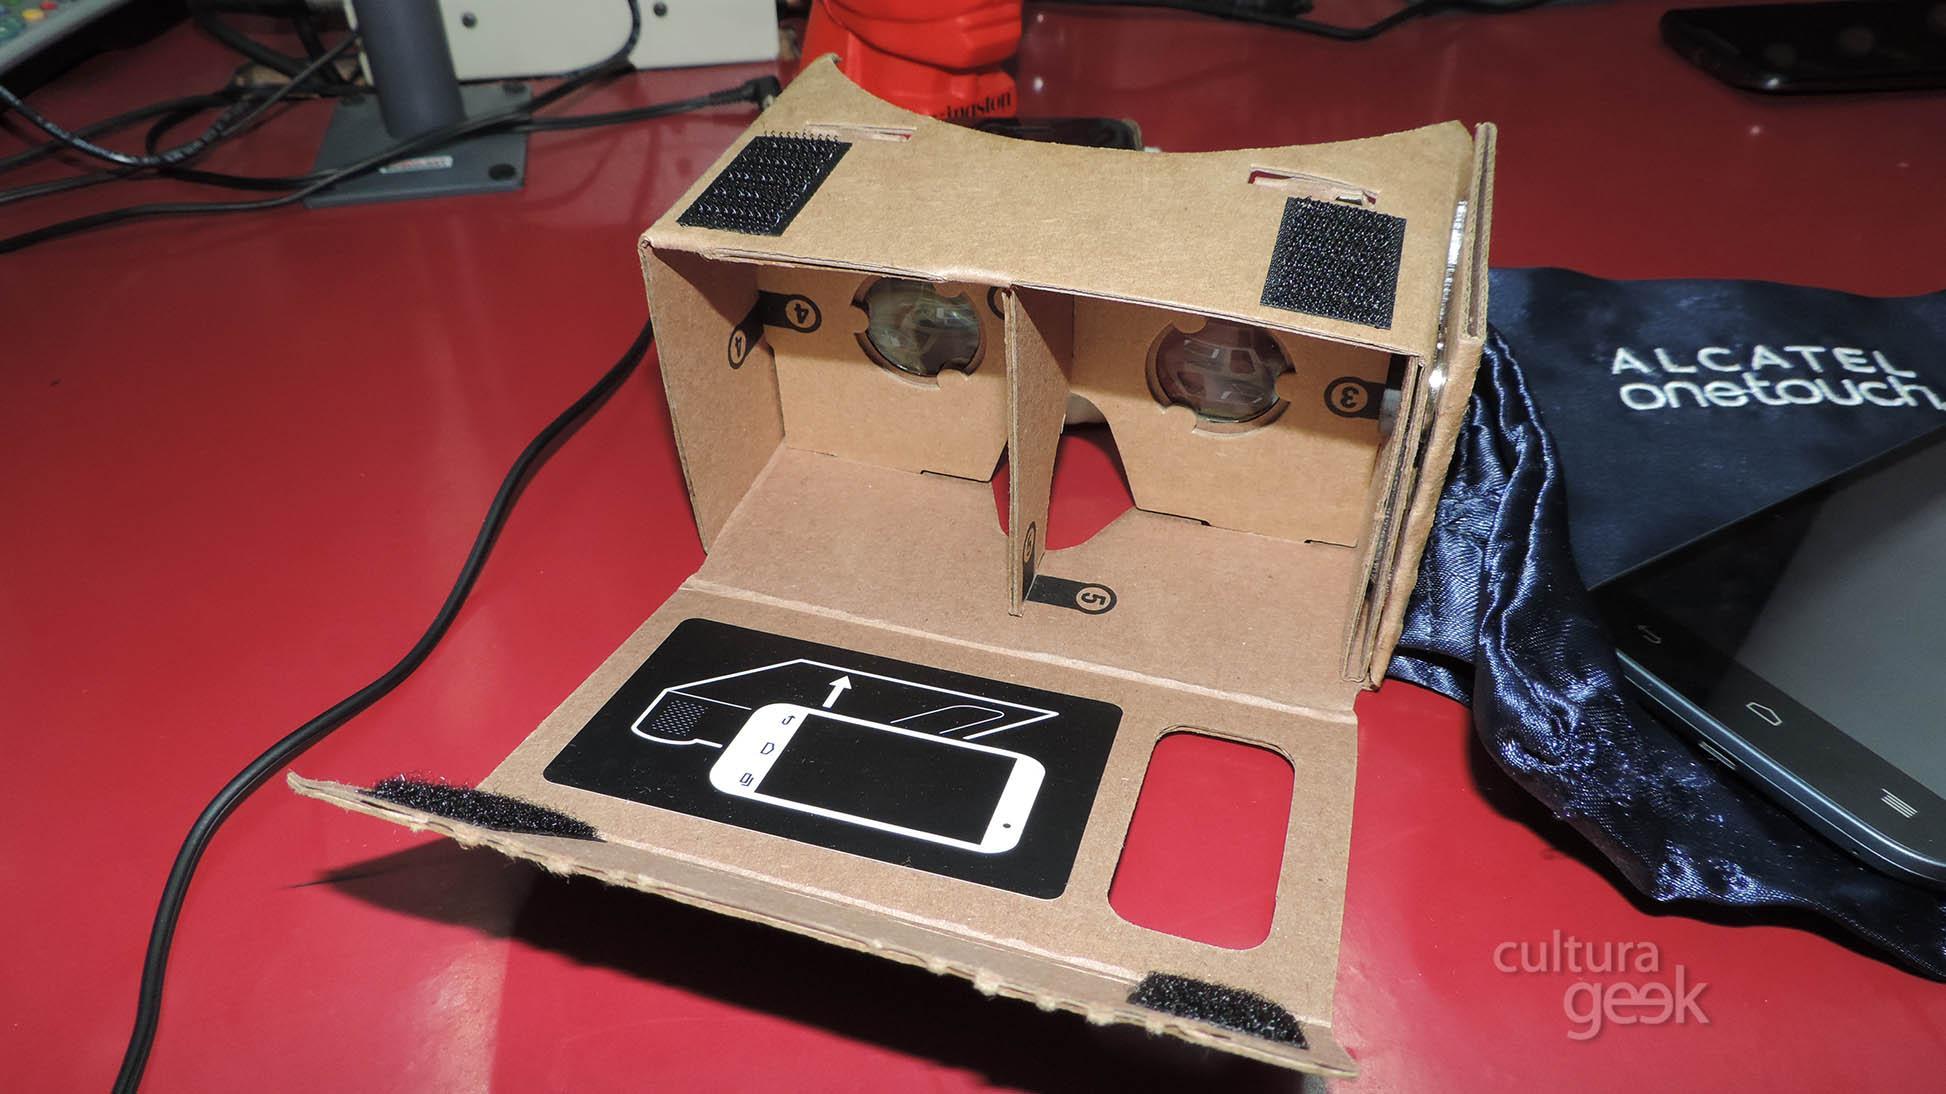 Cultura Geek 184 con la reseña del Google Cardboard, Alcatel Pop C9 y lel sorteo Restart! youtube 360